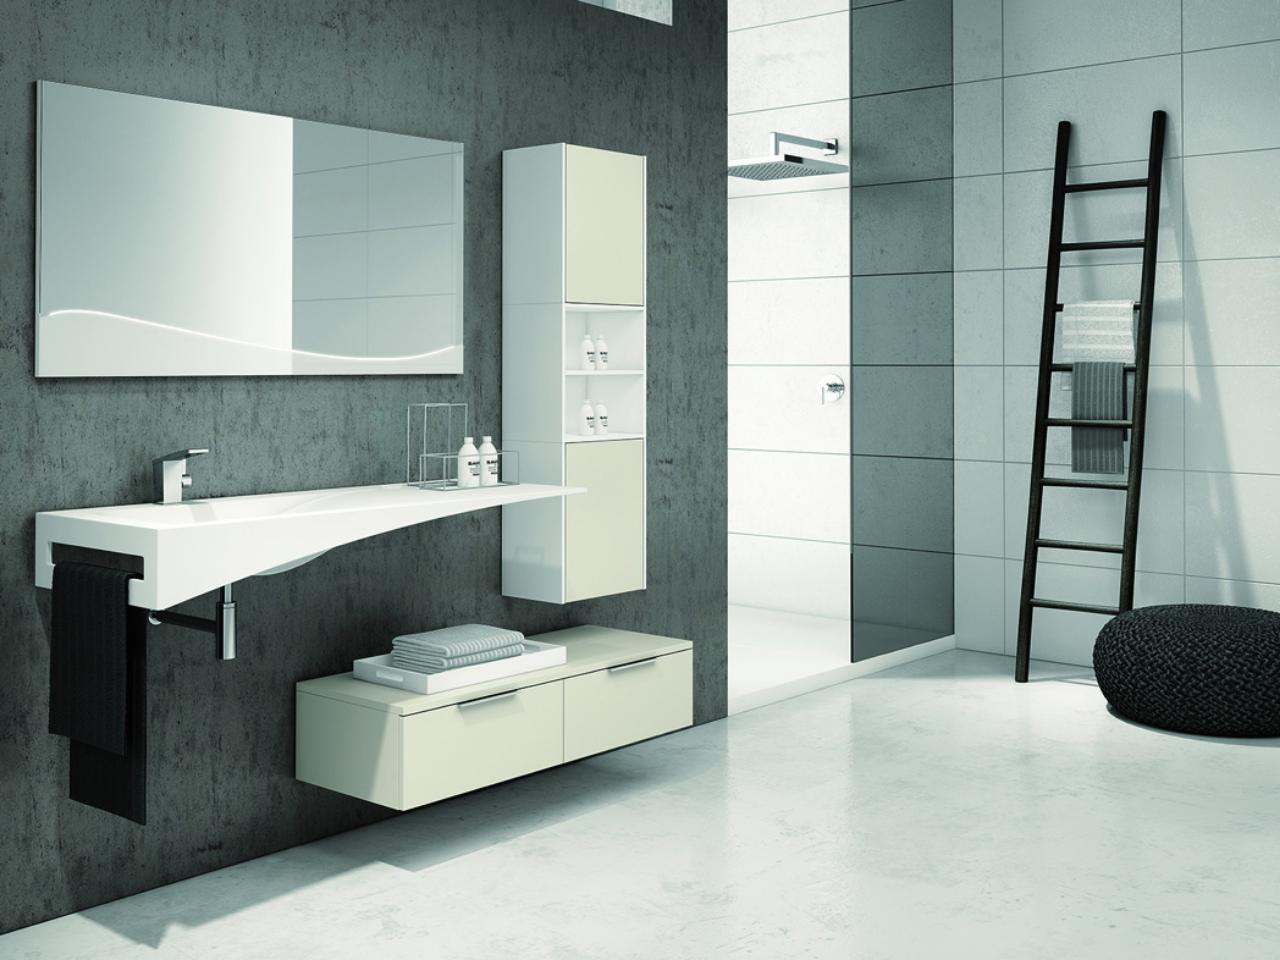 Bagnoidea prodotti e tendenze per arredare il bagno - Arredo bagno milano ...